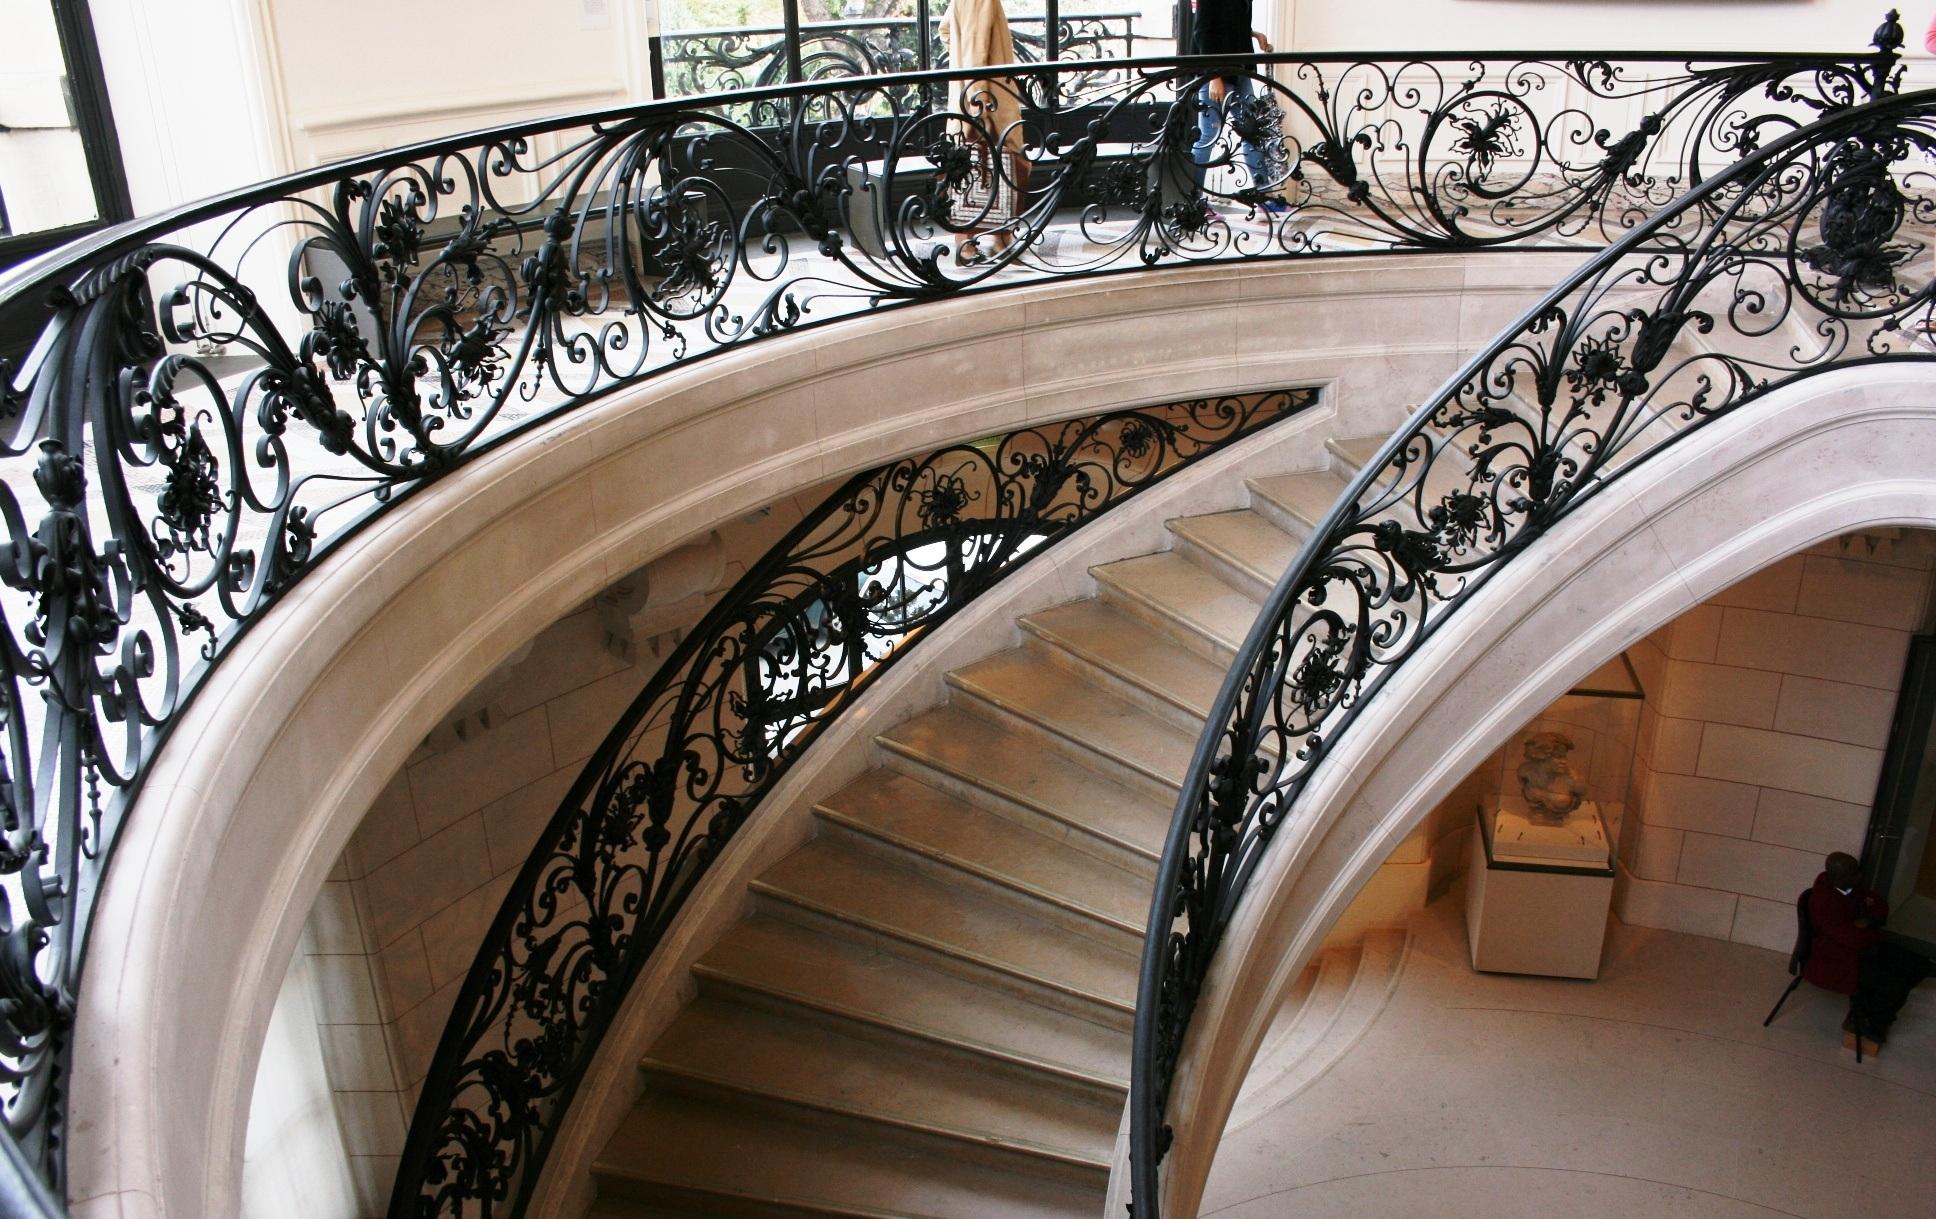 Images Gratuites : architecture, structure, Paris, escalier, France ...